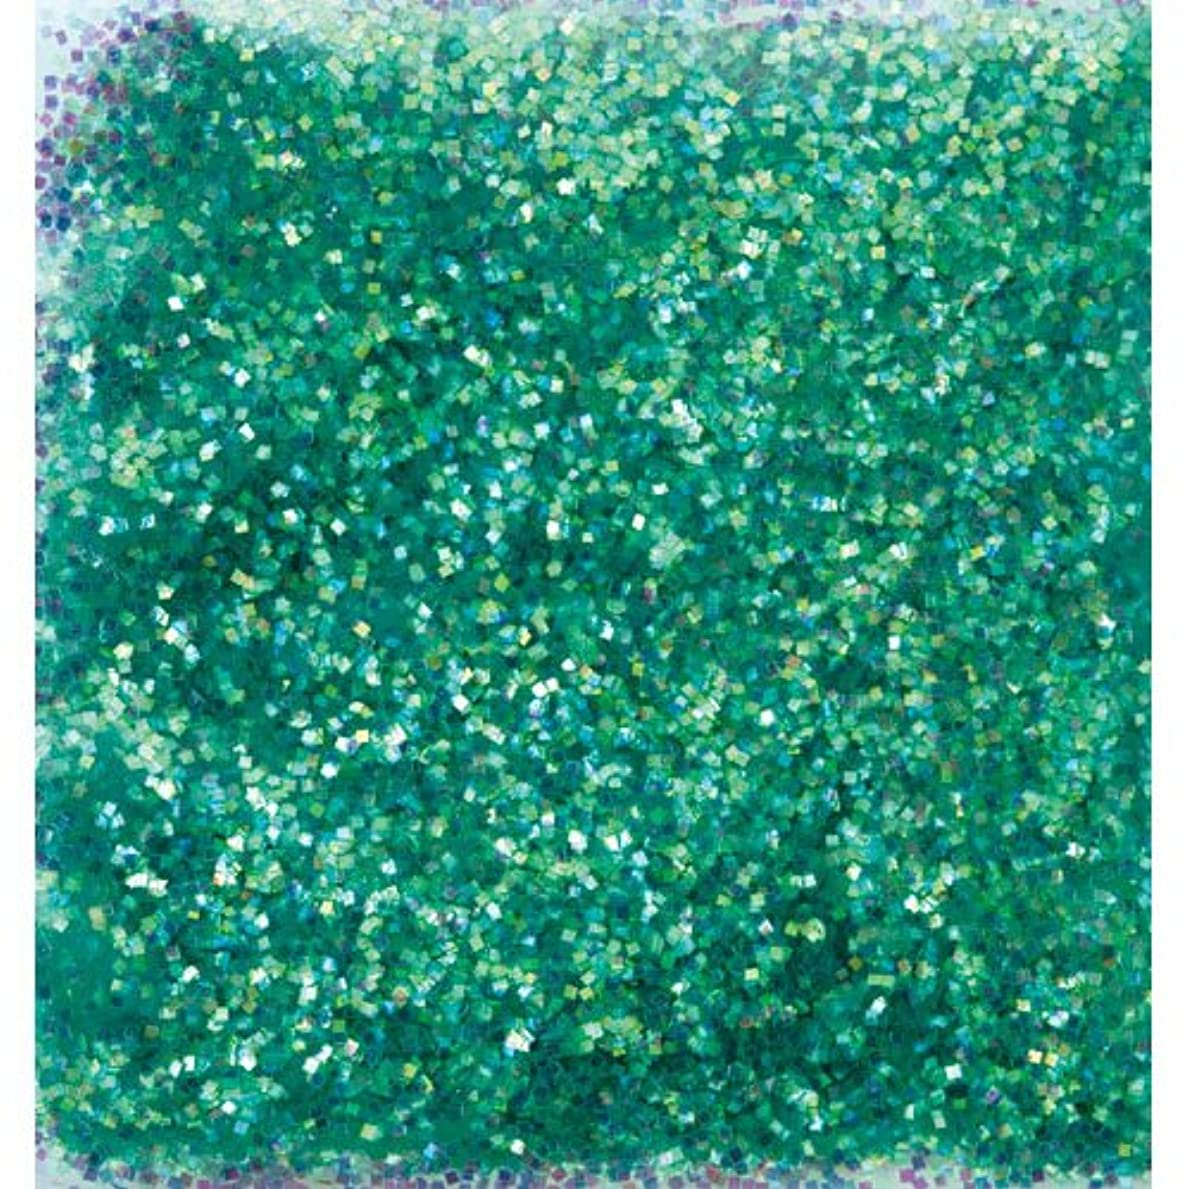 ピック基礎人道的ピカエース ネイル用パウダー オーロラグリッター M #499 グリーン 1.5g